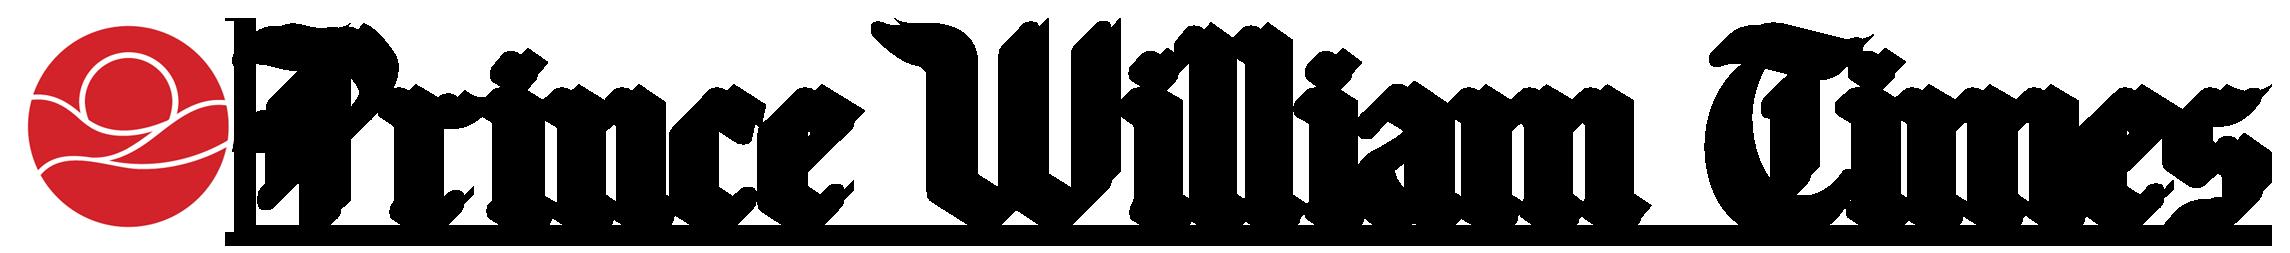 cbcc6d5e-e045-11e7-9e59-4b0f295e3143.png